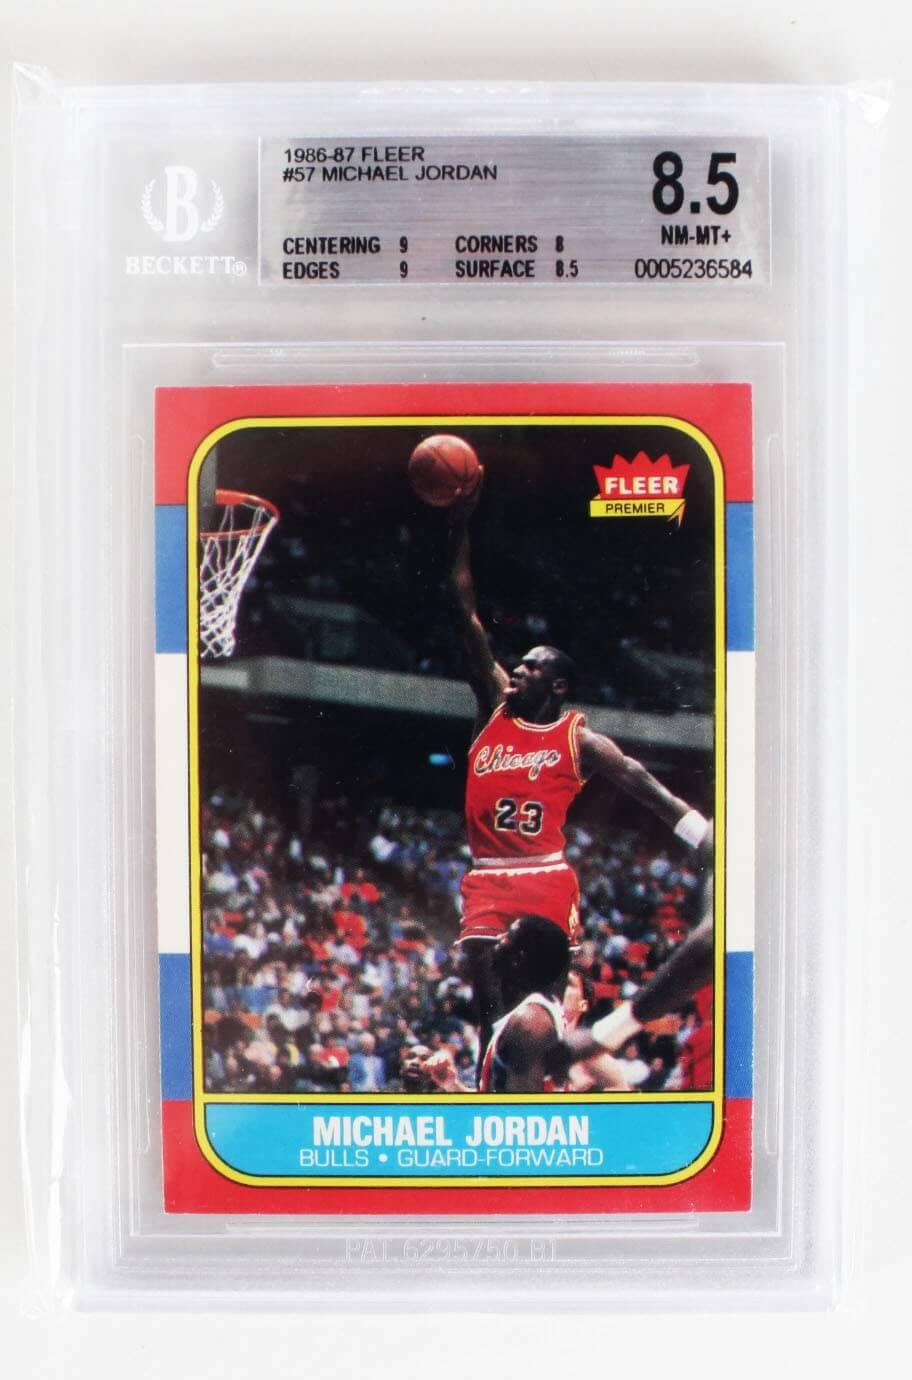 1986 87 Fleer Basketball Michael Jordan Rookie Card 57 Bgs Graded 85 Nm Mt